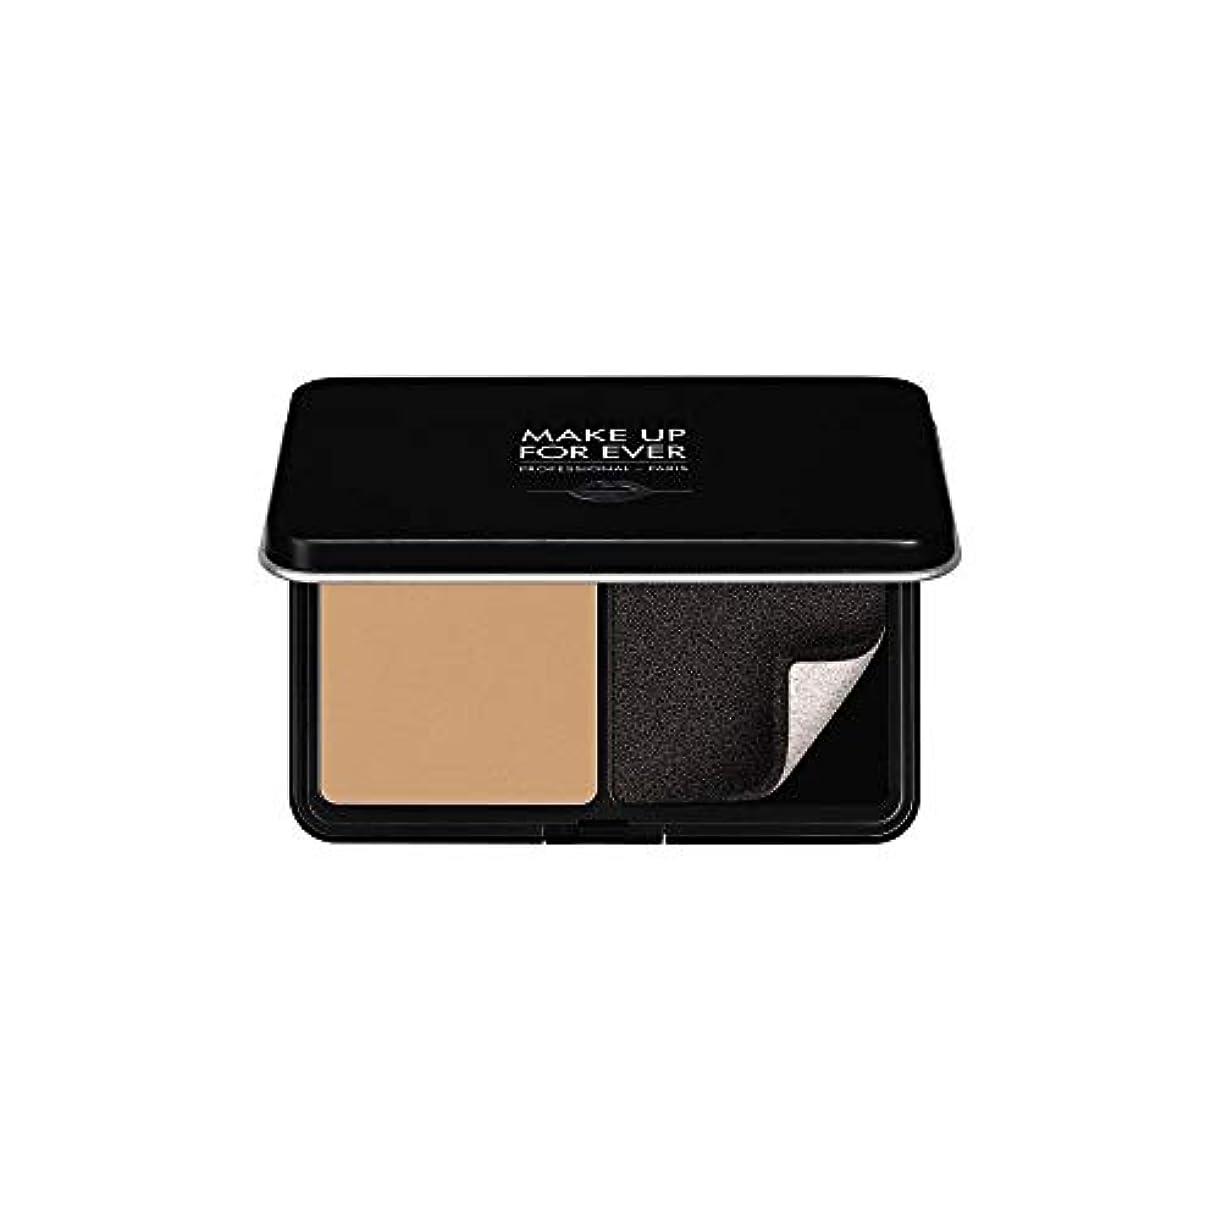 理由速記シャンパンメイクアップフォーエバー Matte Velvet Skin Blurring Powder Foundation - # Y315 (Sand) 11g/0.38oz並行輸入品